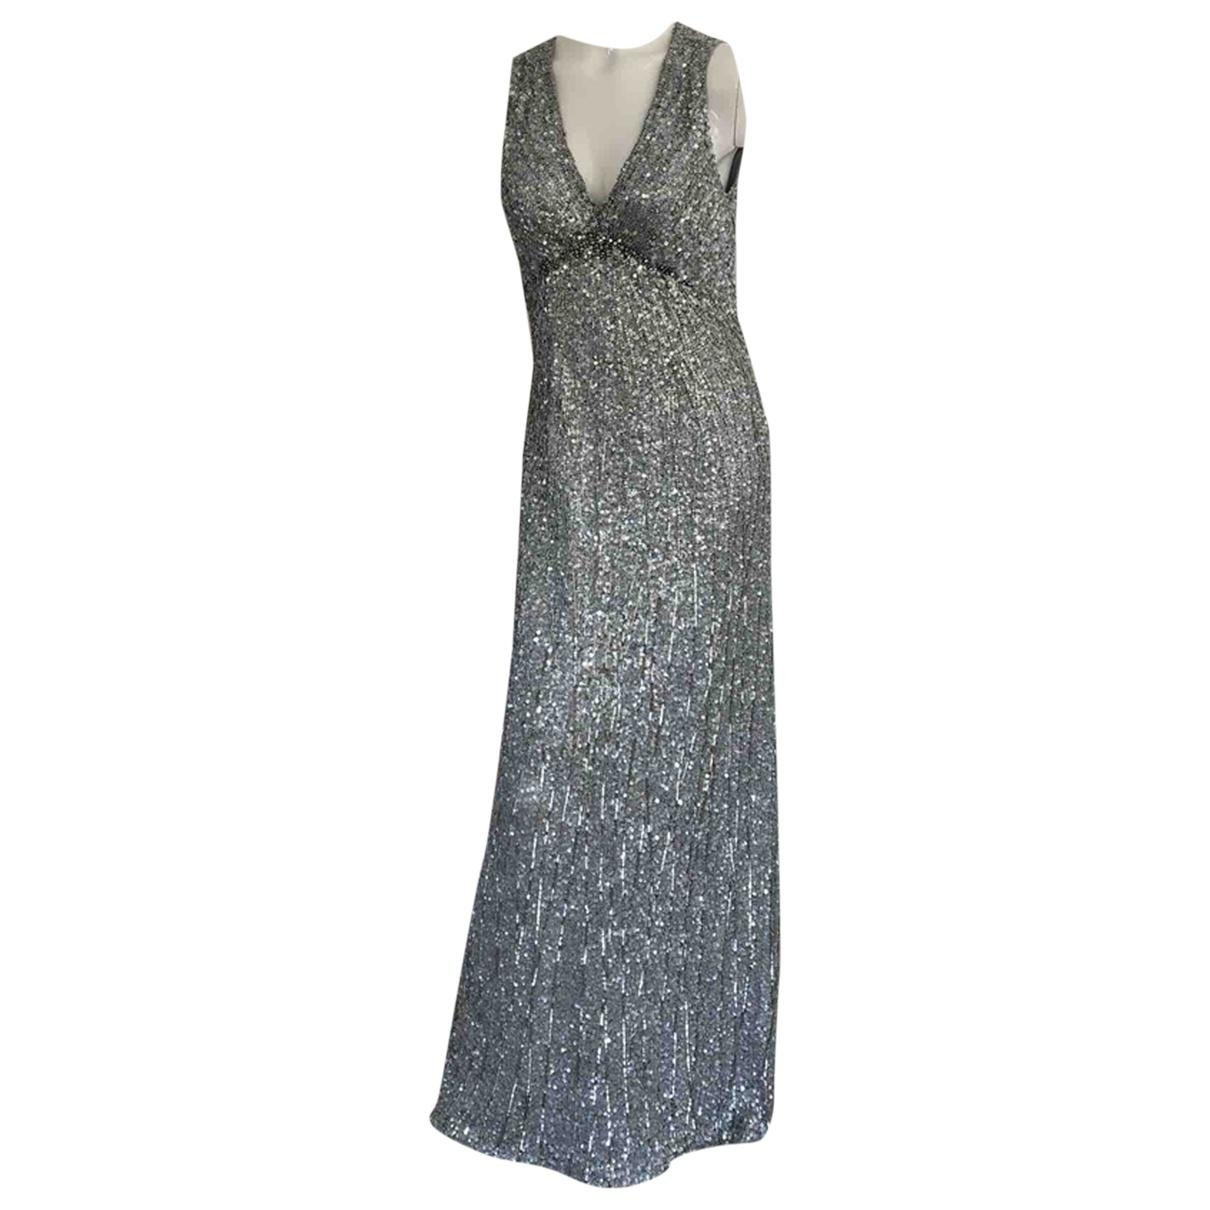 Jenny Packham \N Kleid in  Grau Mit Pailletten